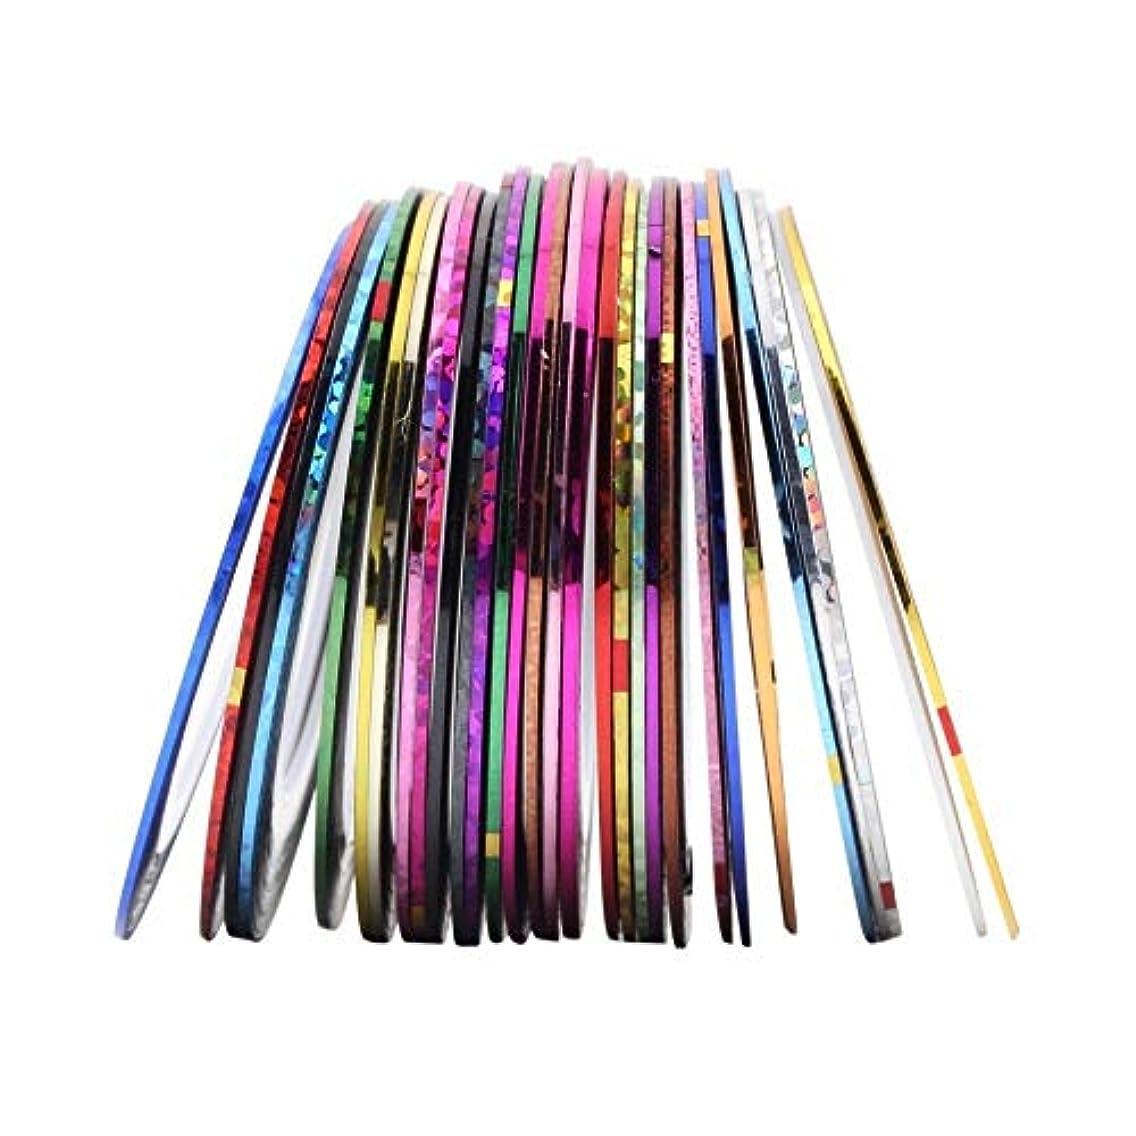 リサイクルする現実的愛するネイル用品 ラインテープ シート ジェルネイル用 マニキュア セット ジェルネイル アート用ラインテープ 専用ケース 38色/セット